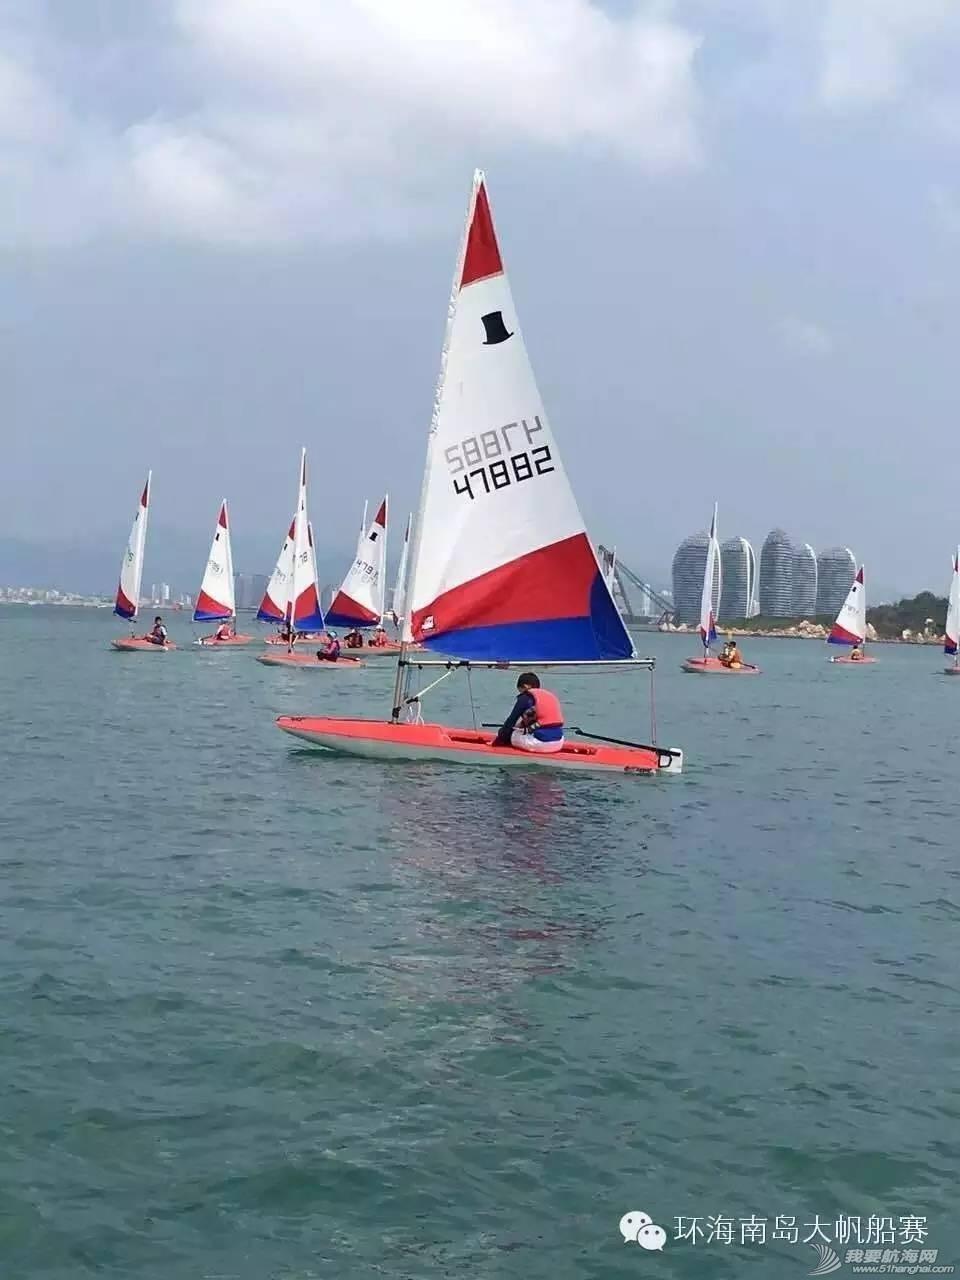 国际帆联,海南岛,世锦赛,俱乐部,降温 海帆赛topper对抗赛:40名帆船小选手追风逐浪 4e0601bb6f98861f8948d903daa61310.jpg